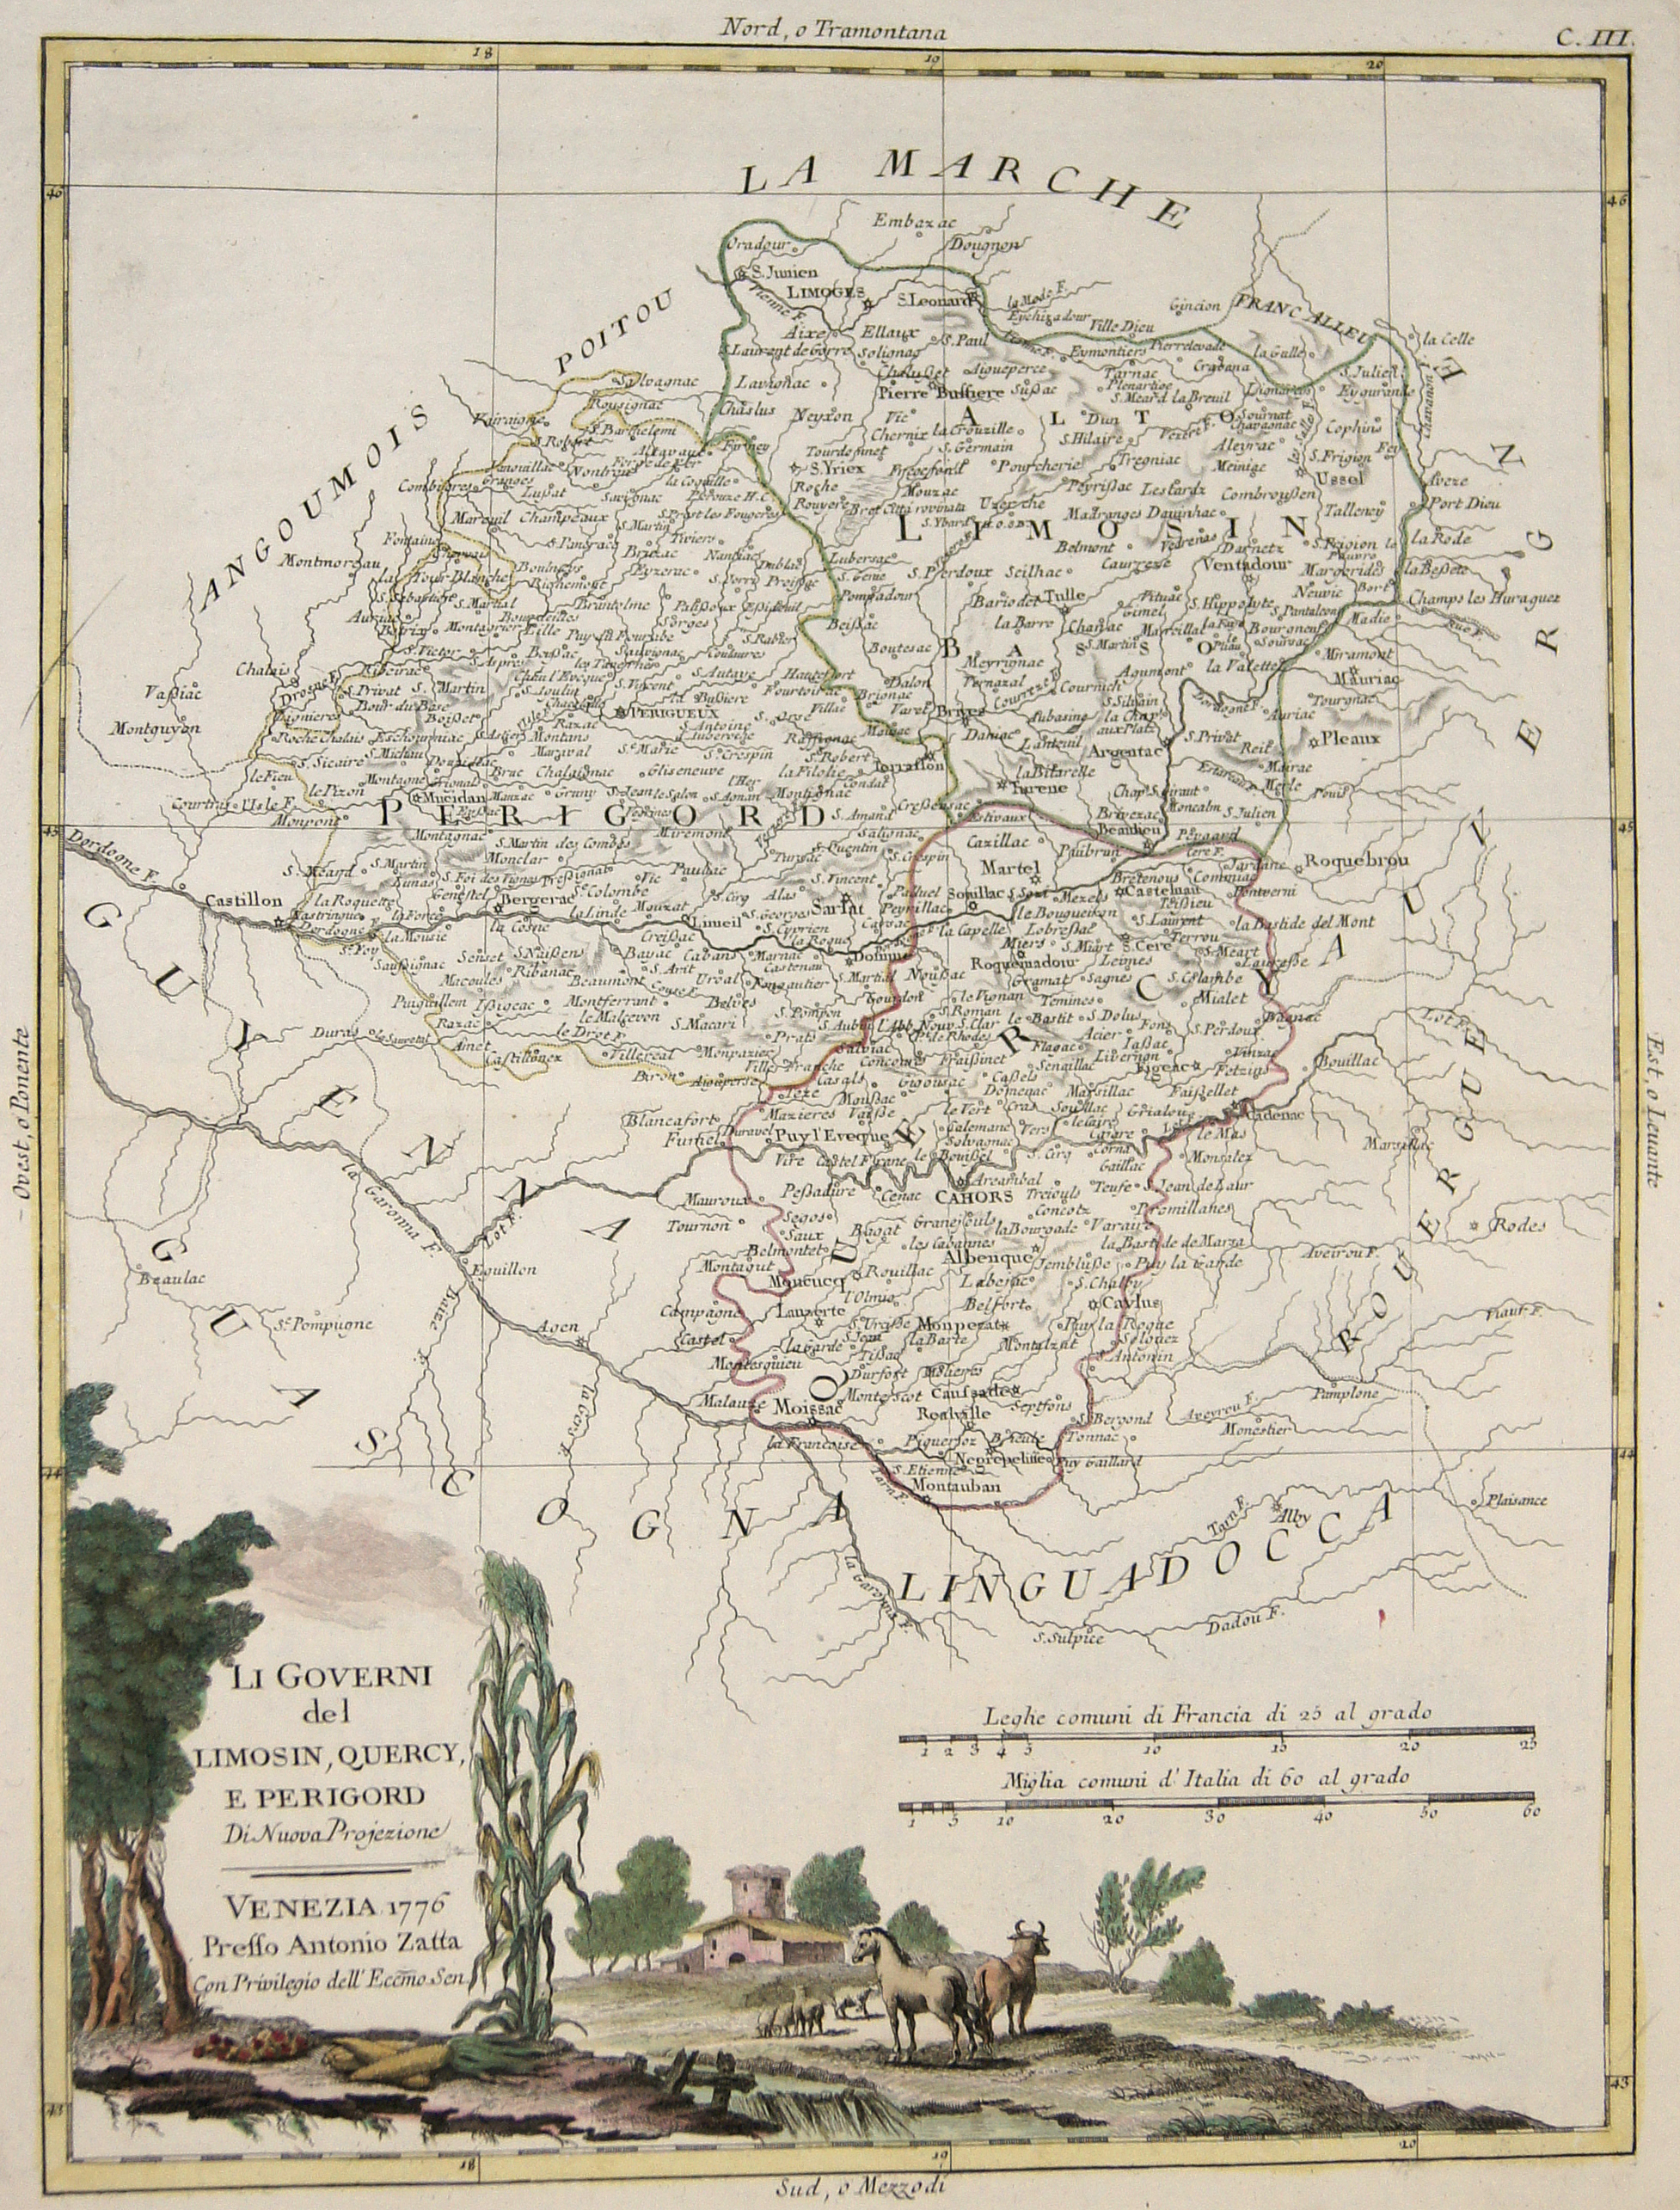 Zatta  Li Governi del Limosin, Quercy, e Perigord